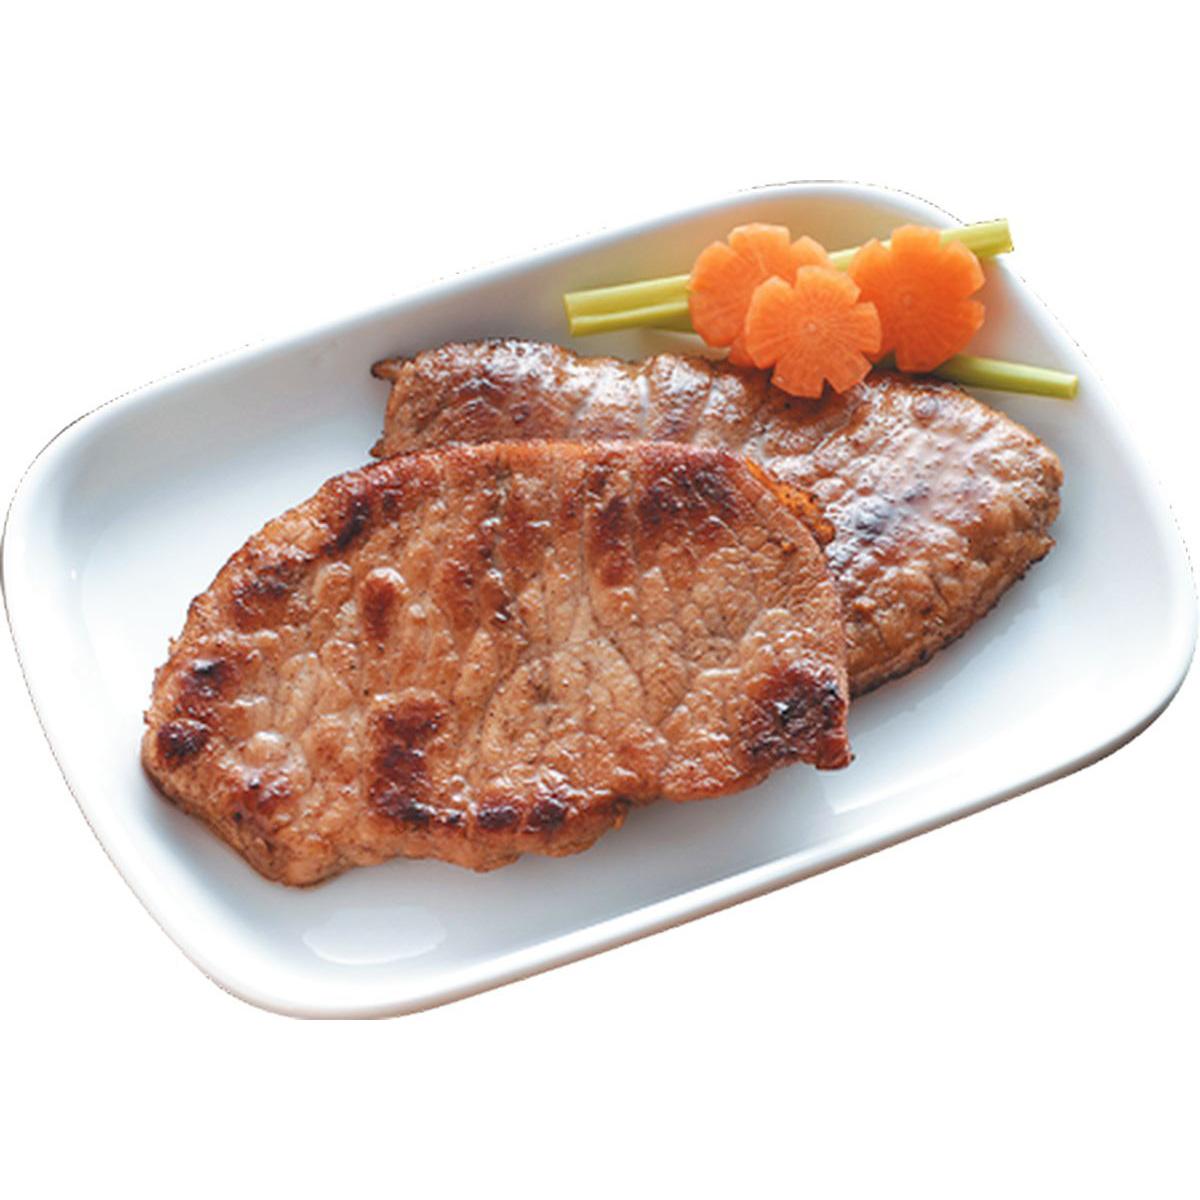 食譜:香煎豬排